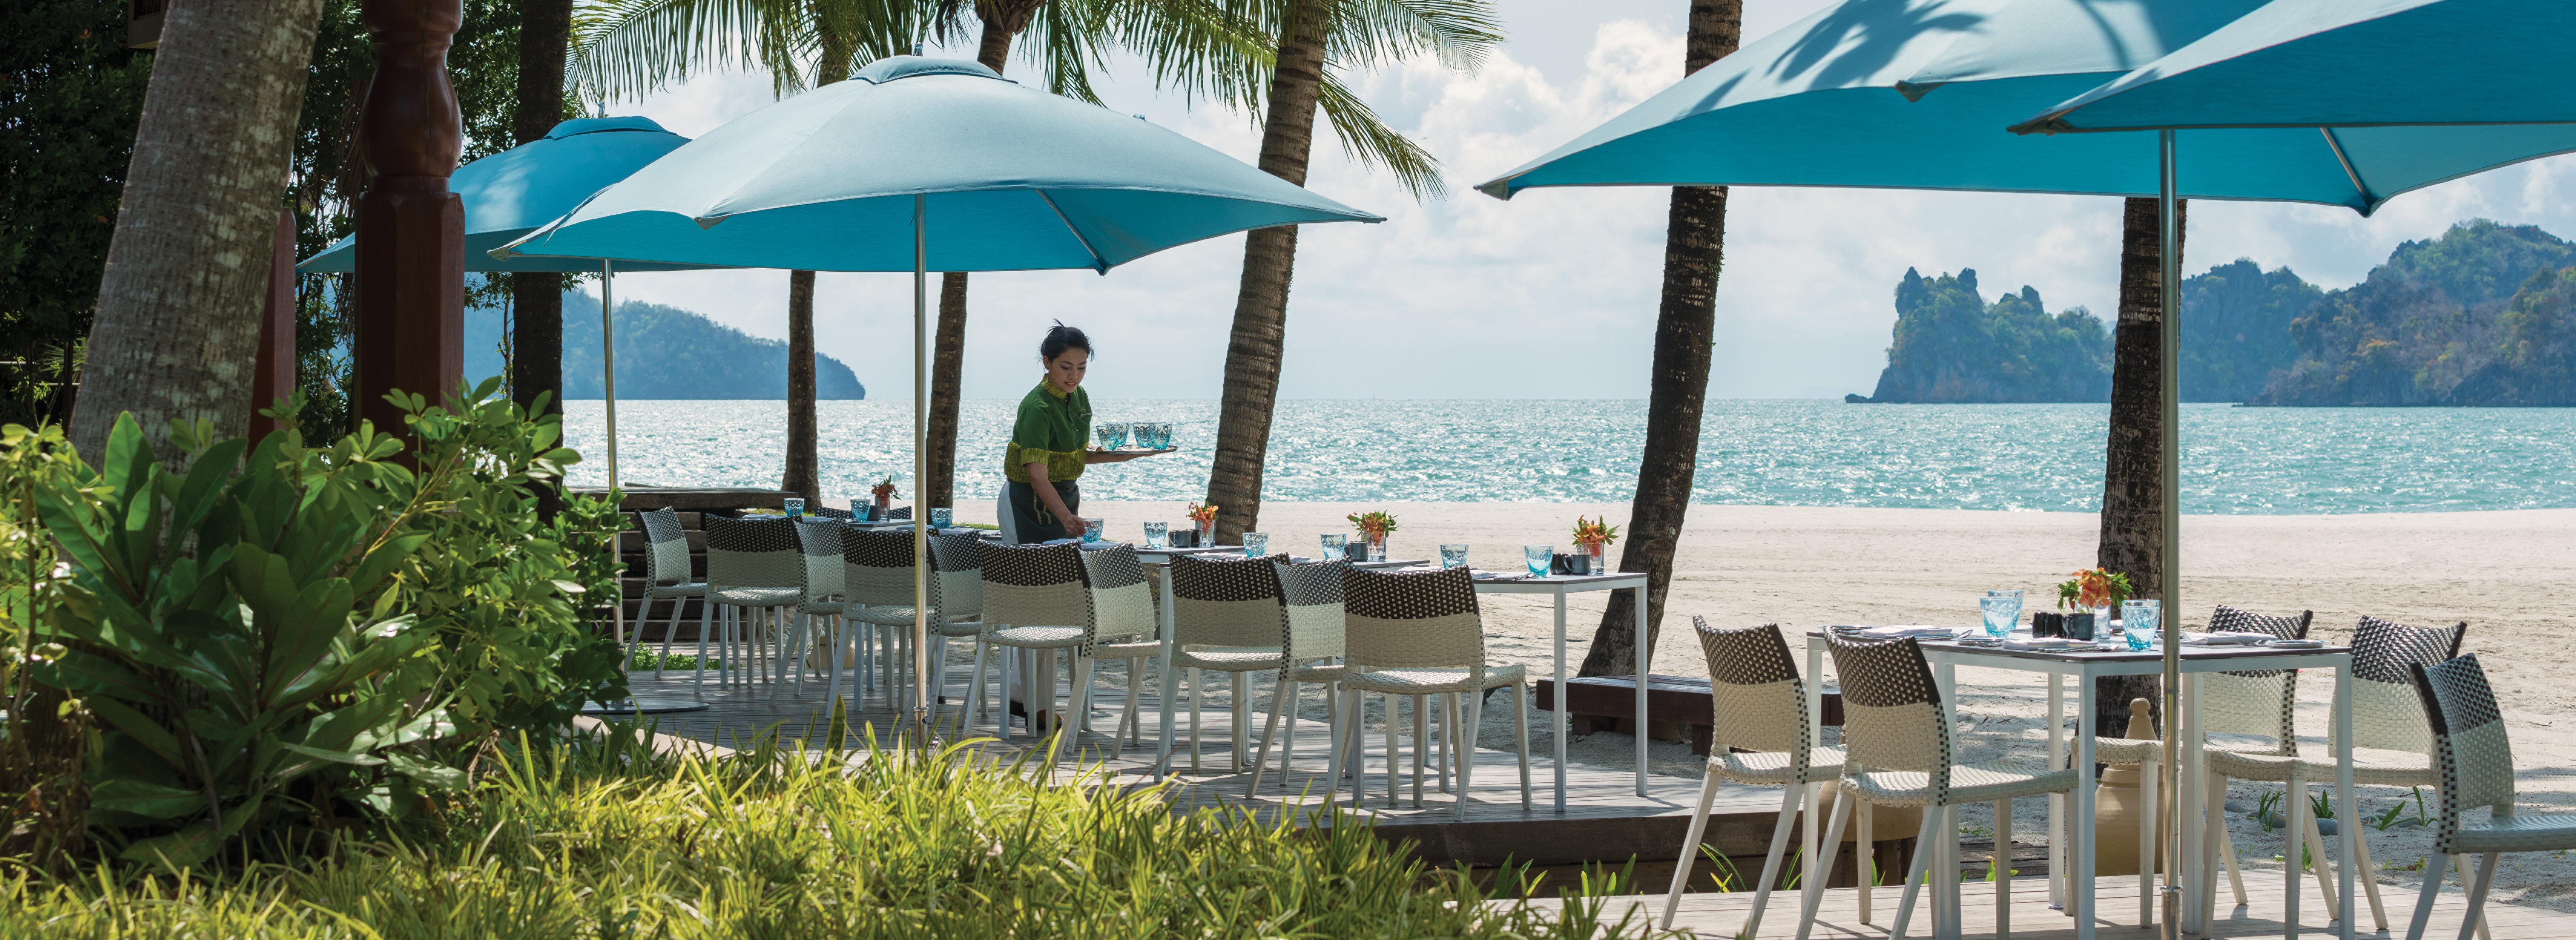 four-seasons-serai-breakfast-terrace